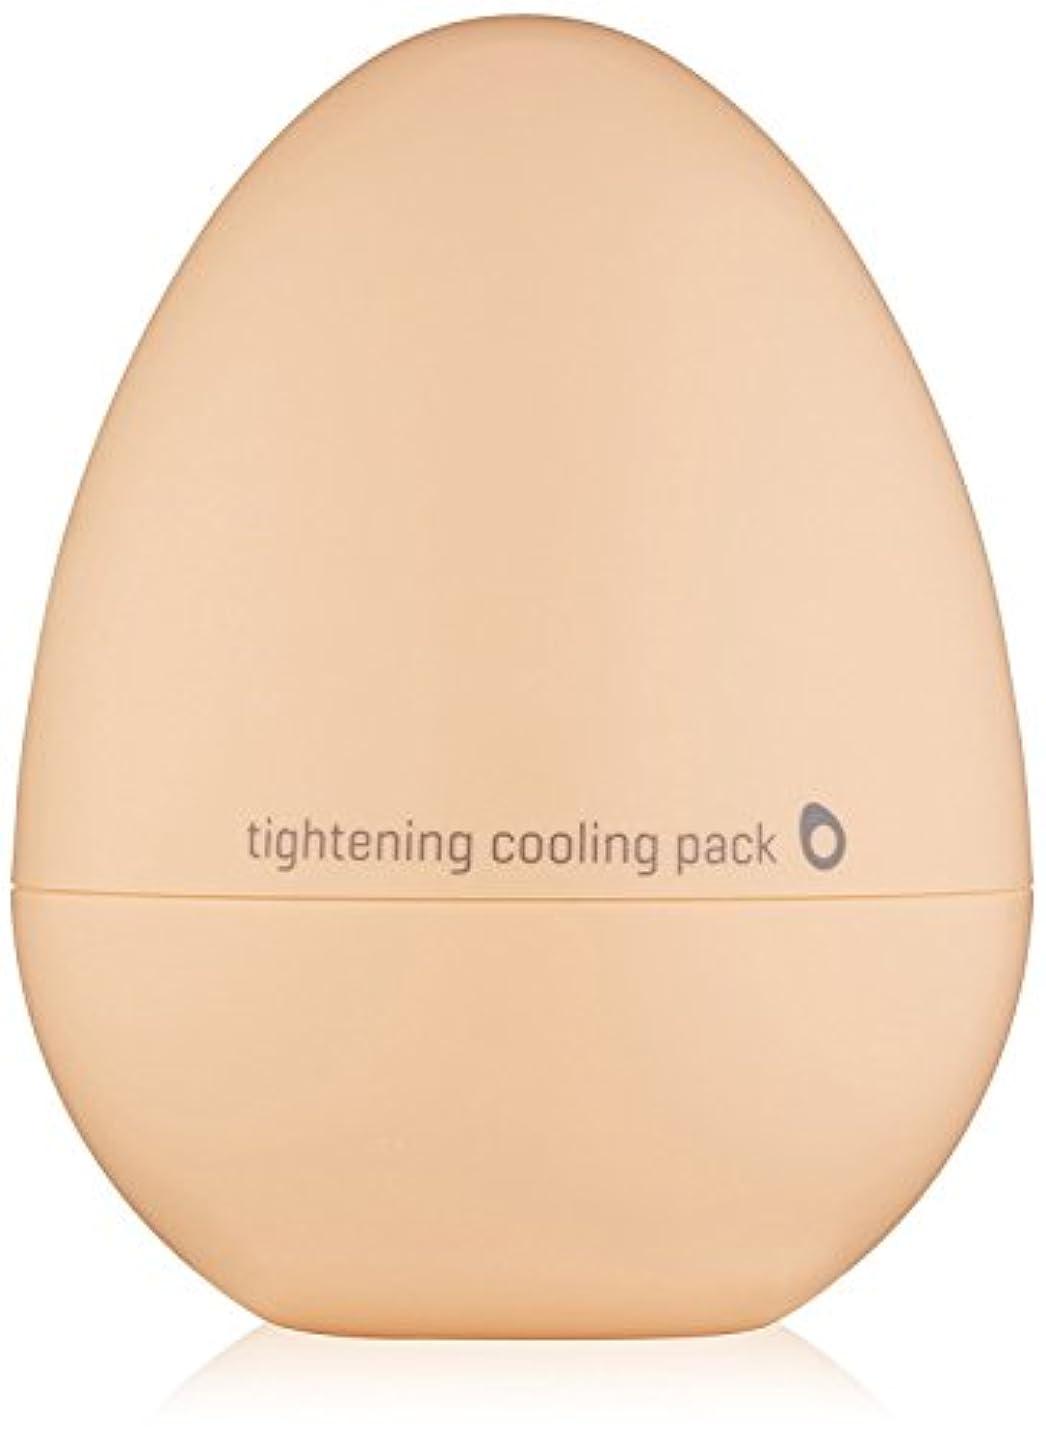 トニーモリー Egg Pore Tightening Cooling Pack 30g/1oz